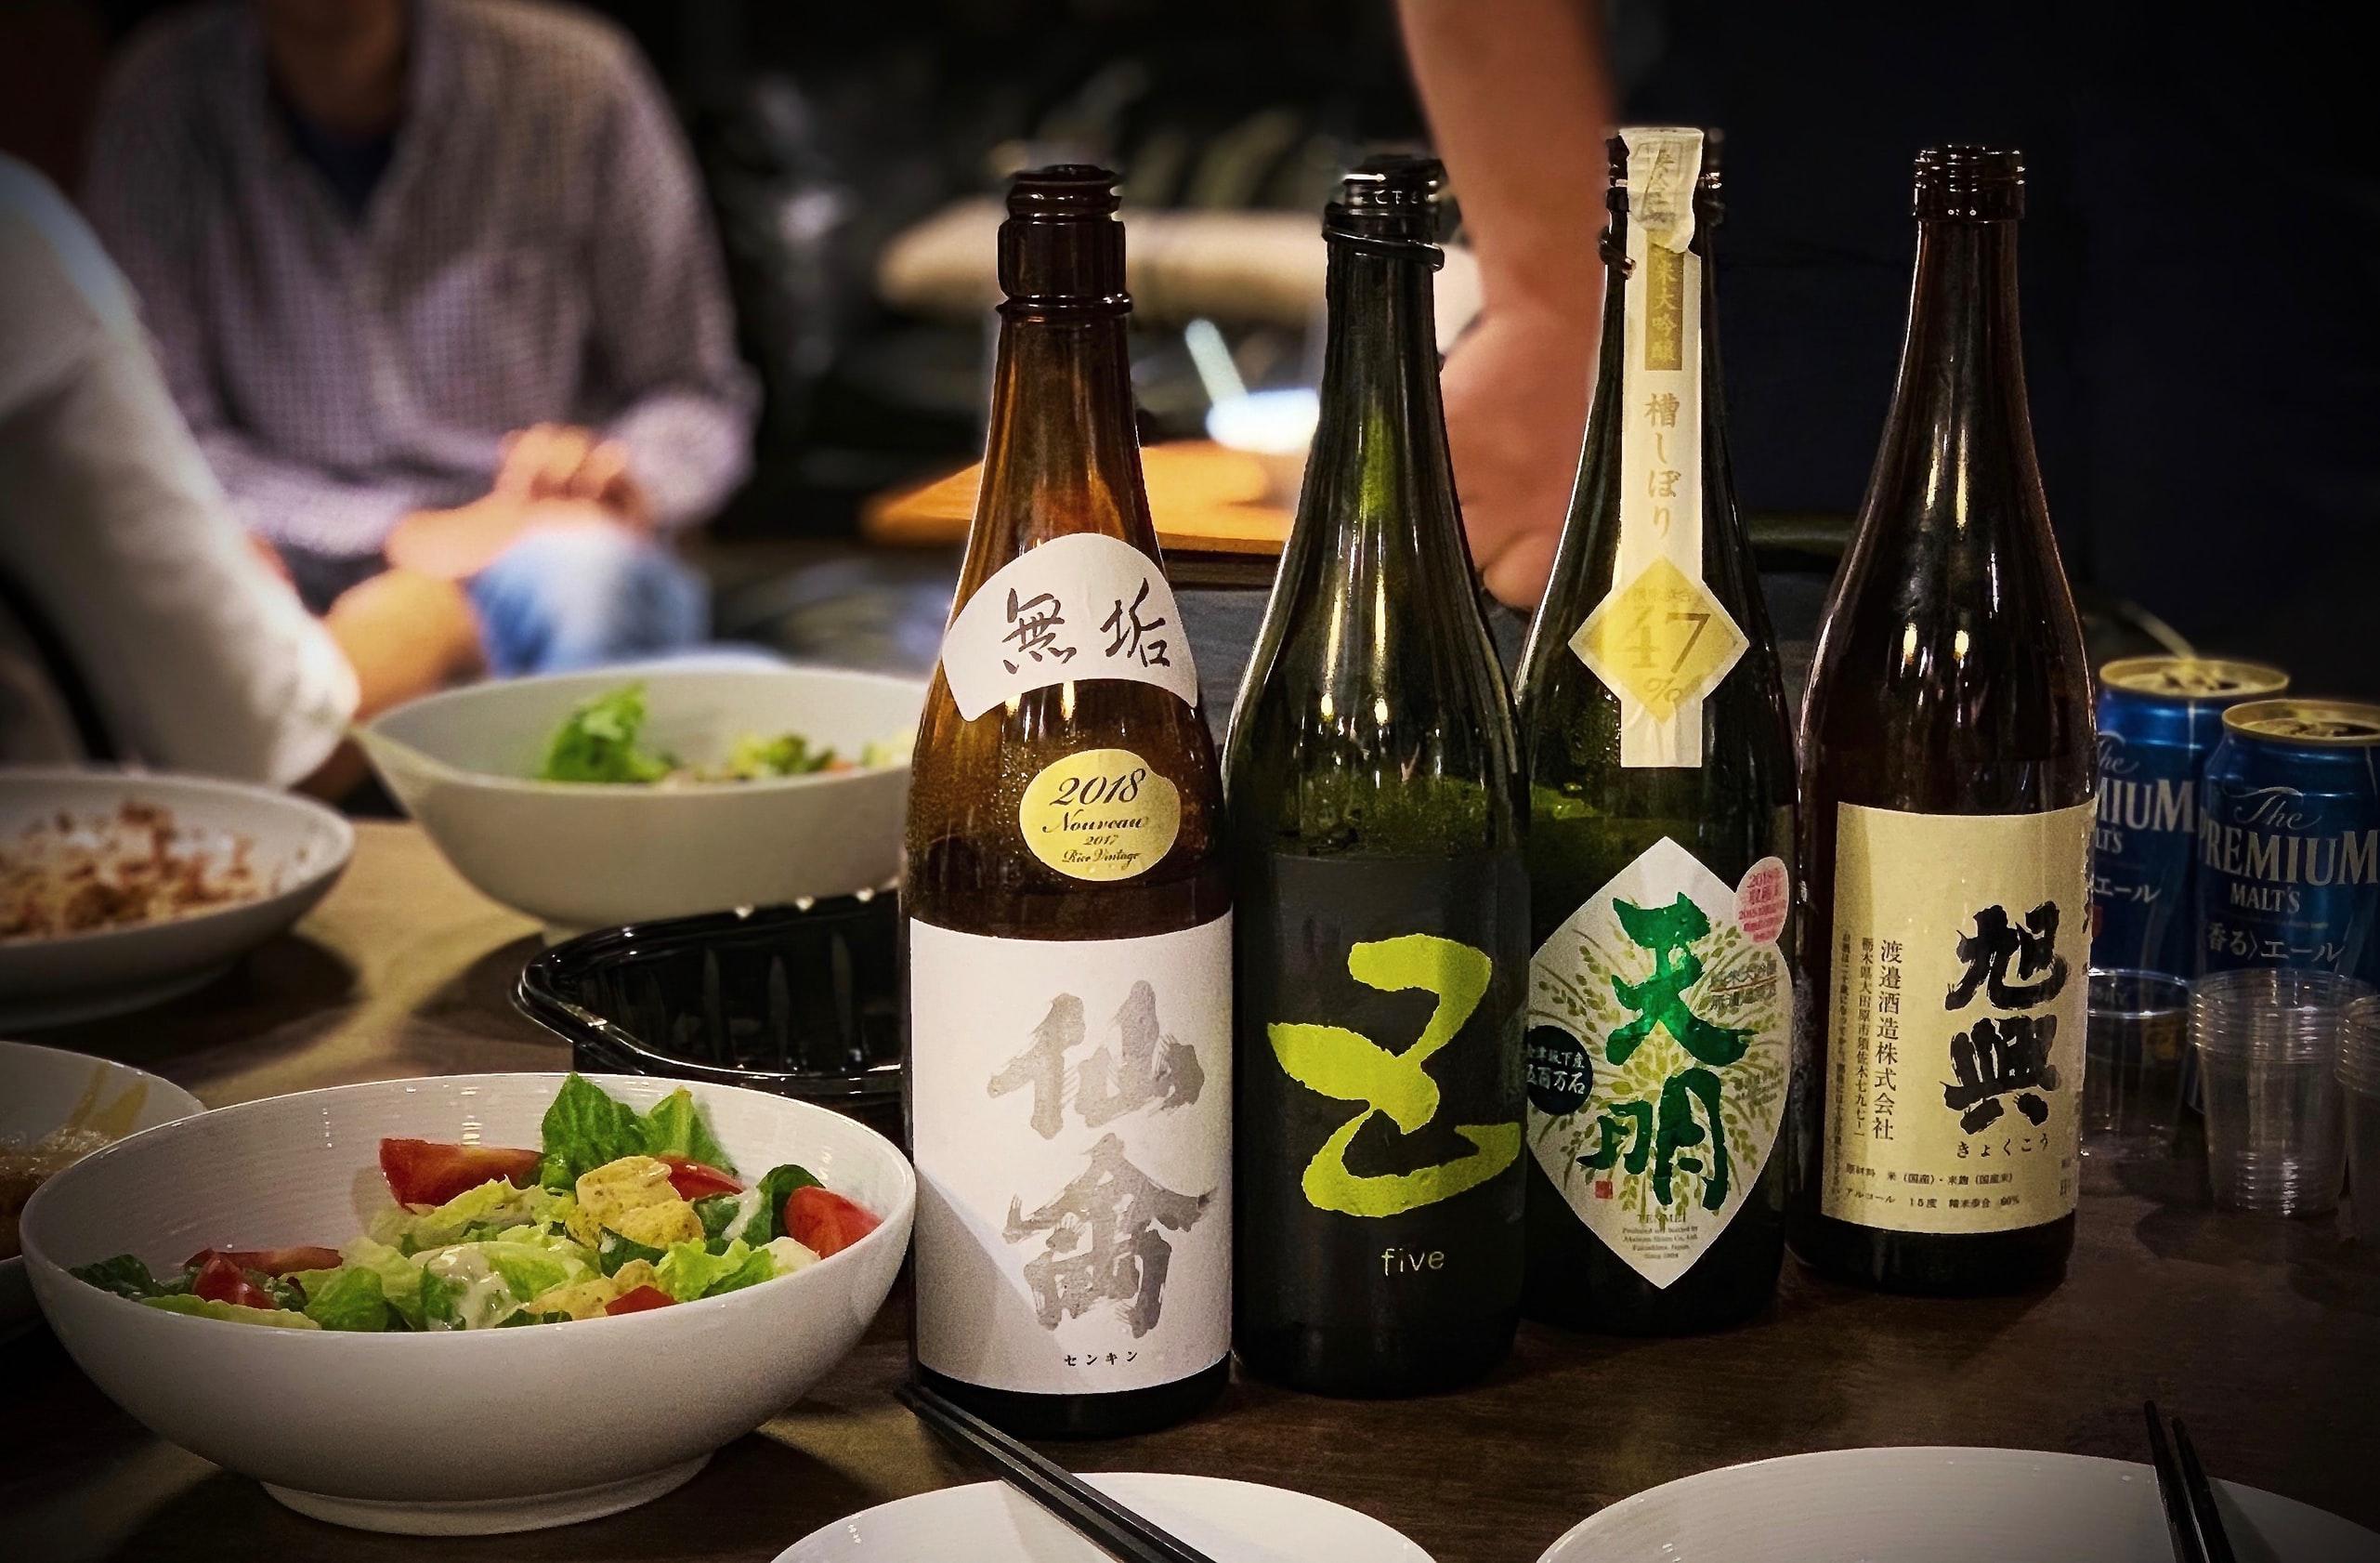 日本 Cool Japan 22亿日元投资中国葡萄酒批发商 EMW及其母公司,推动日本酒海外扩张